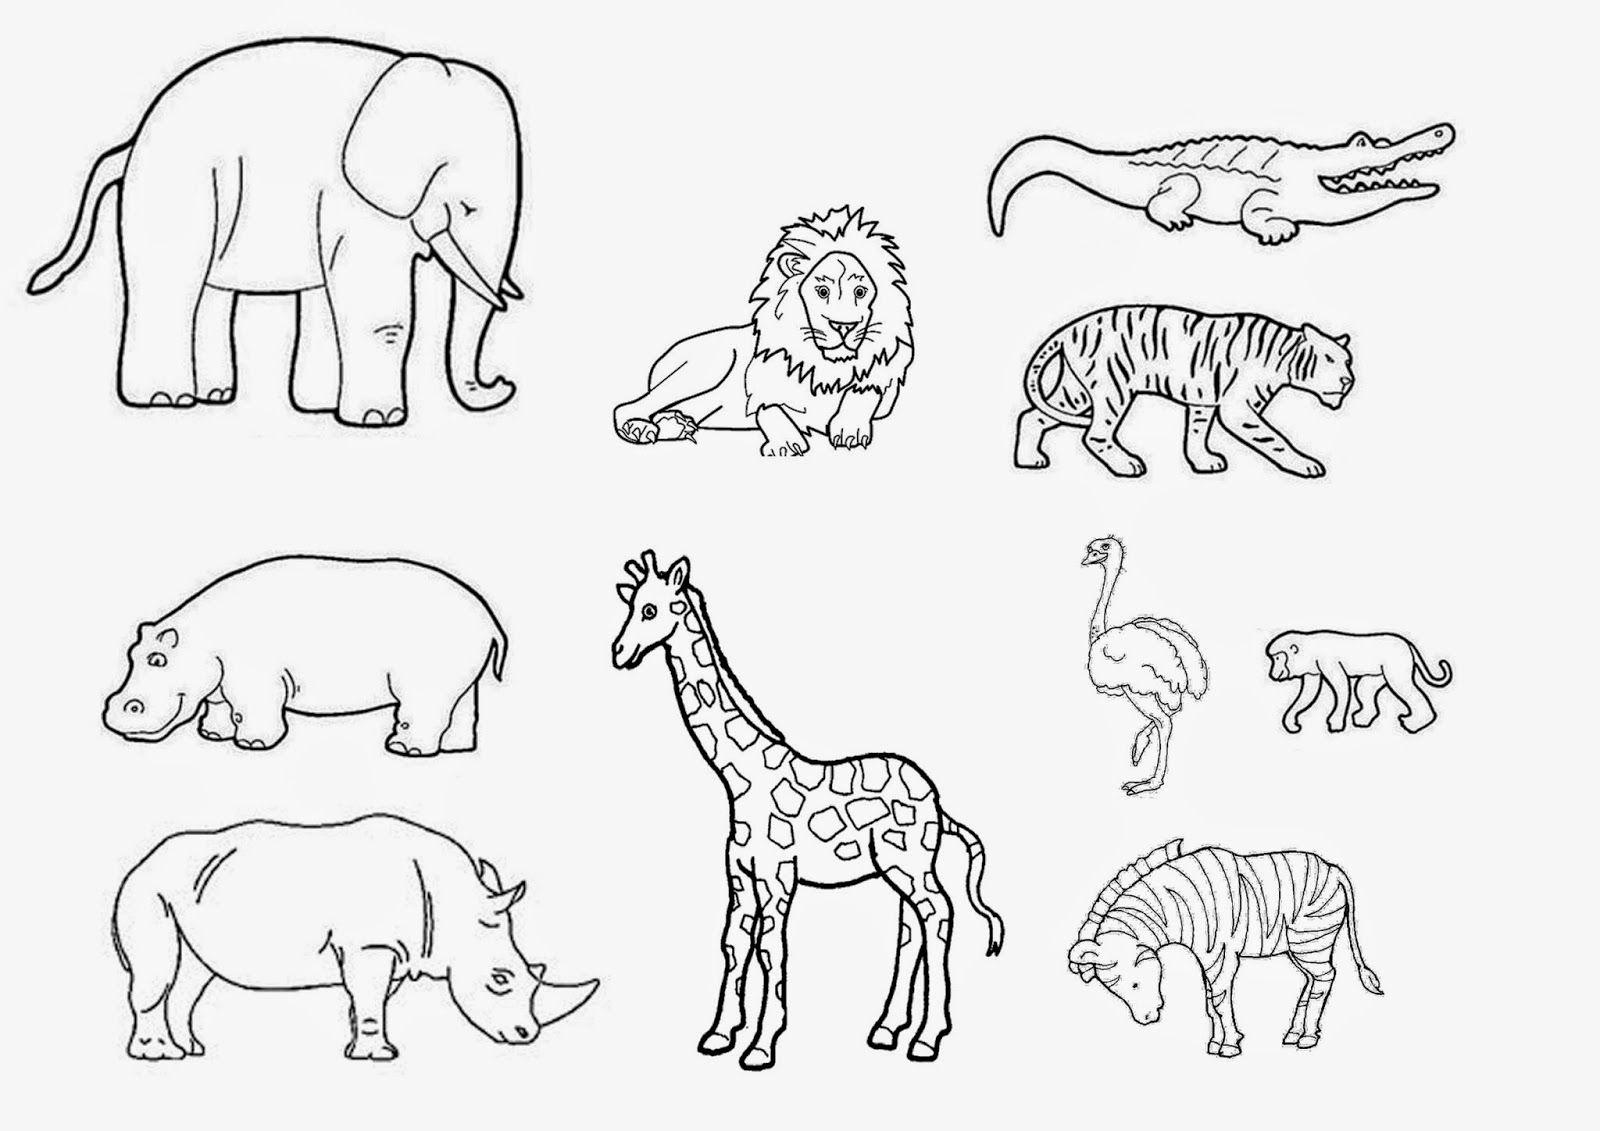 Gabarit Animaux Savane - Recherche Google | Coloriage concernant Animaux Ovipares Liste